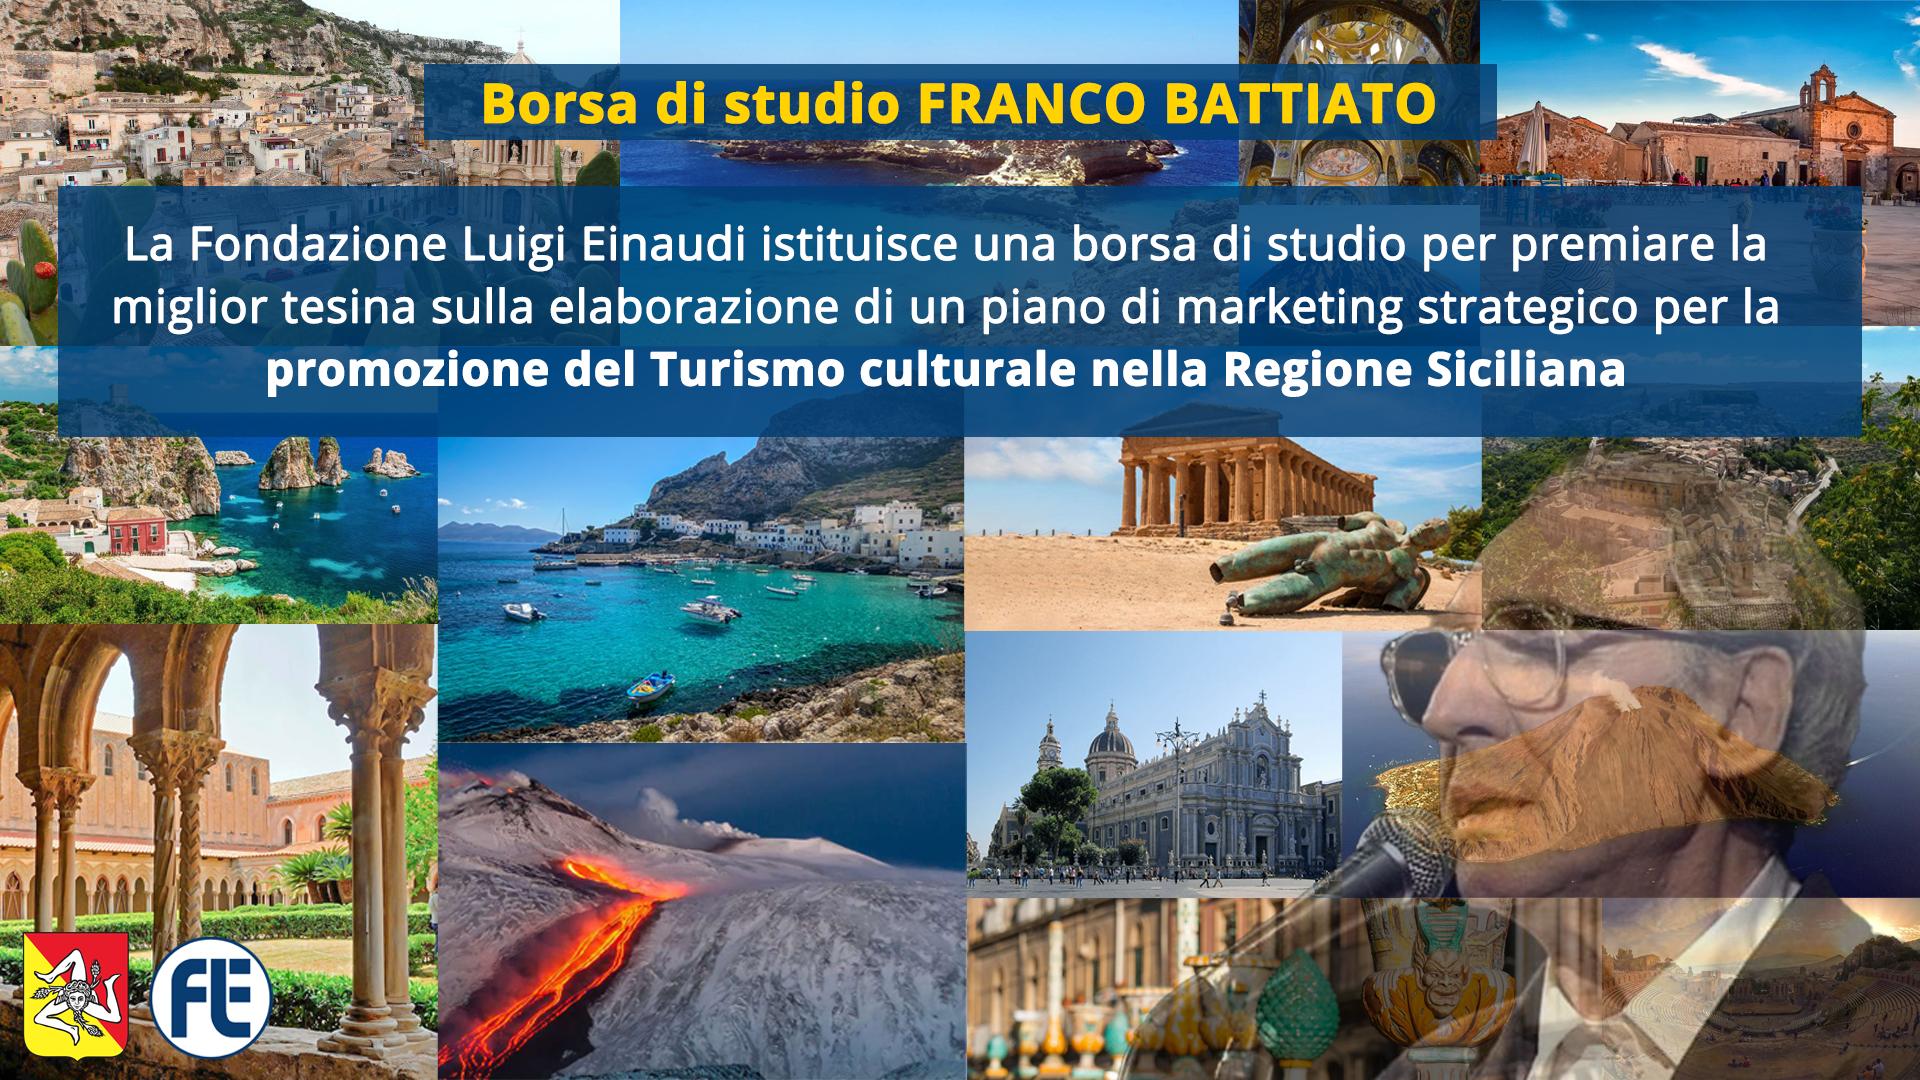 Borsa di studio Franco Battiato